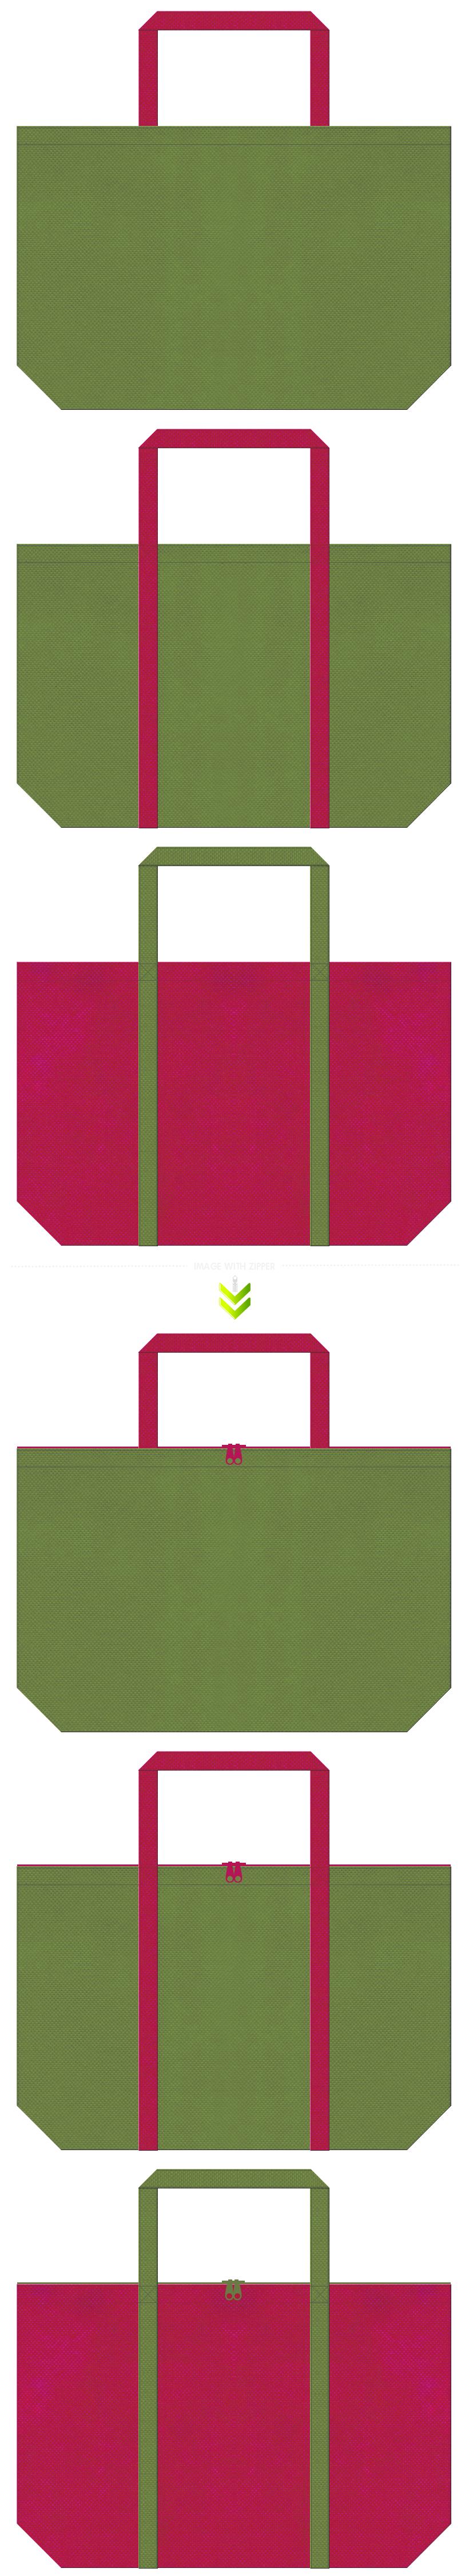 草色と濃いピンク色の不織布バッグデザイン。メジロと梅のイメージで、和雑貨のショッピングバッグや着物クリーニングのバッグにお奨めです。